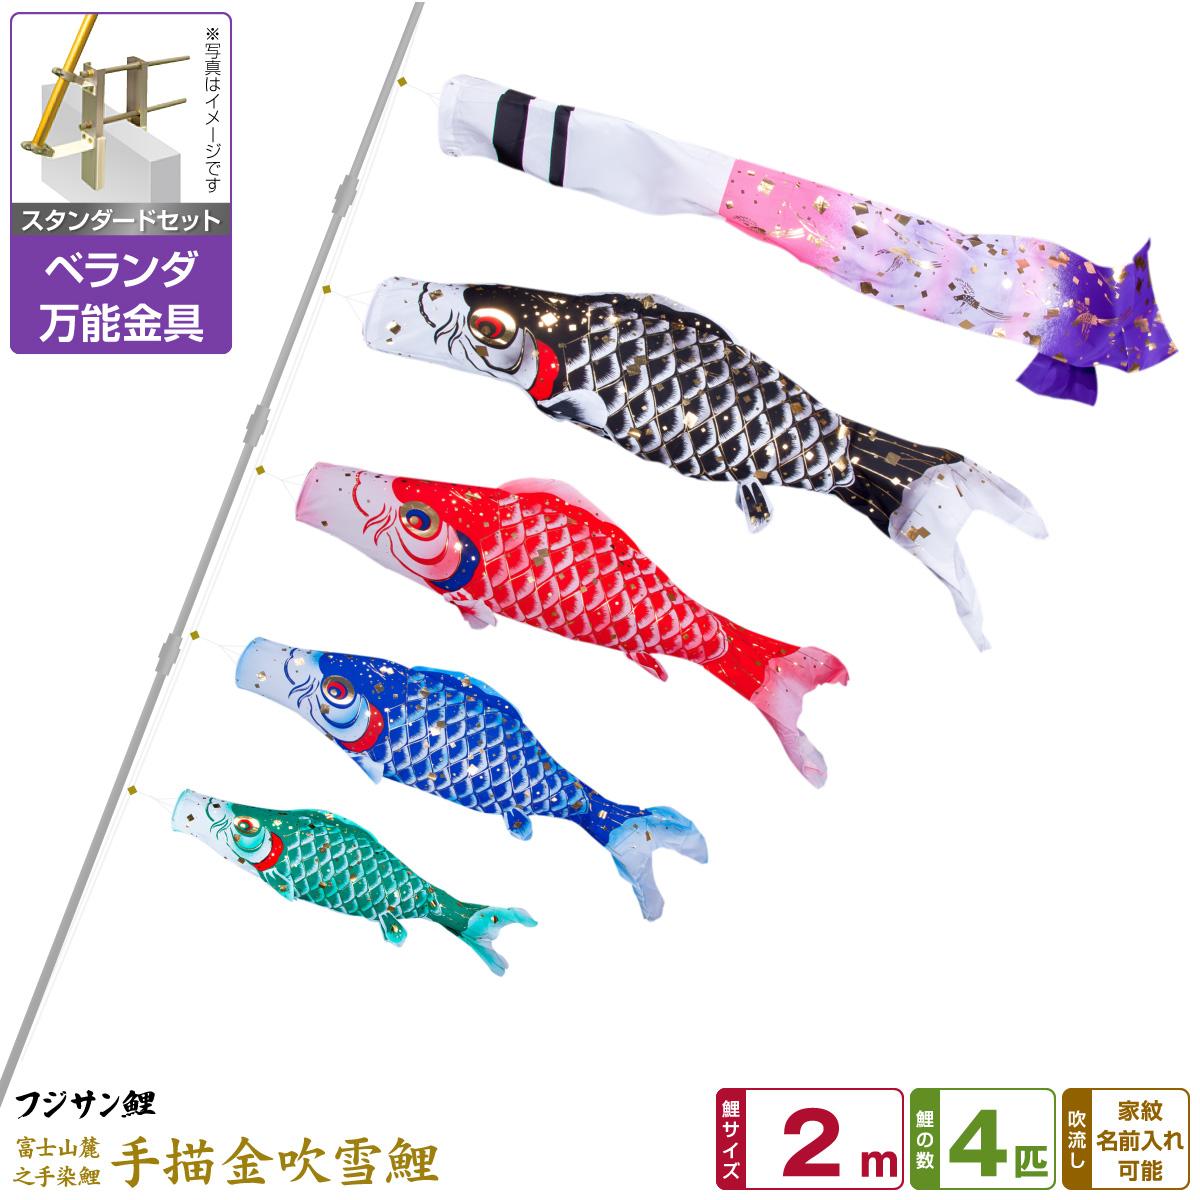 ベランダ用 こいのぼり 鯉のぼり フジサン鯉 手描金吹雪鯉 2m 7点(吹流し+鯉4匹+矢車+ロープ)/スタンダードセット(万能取付金具)